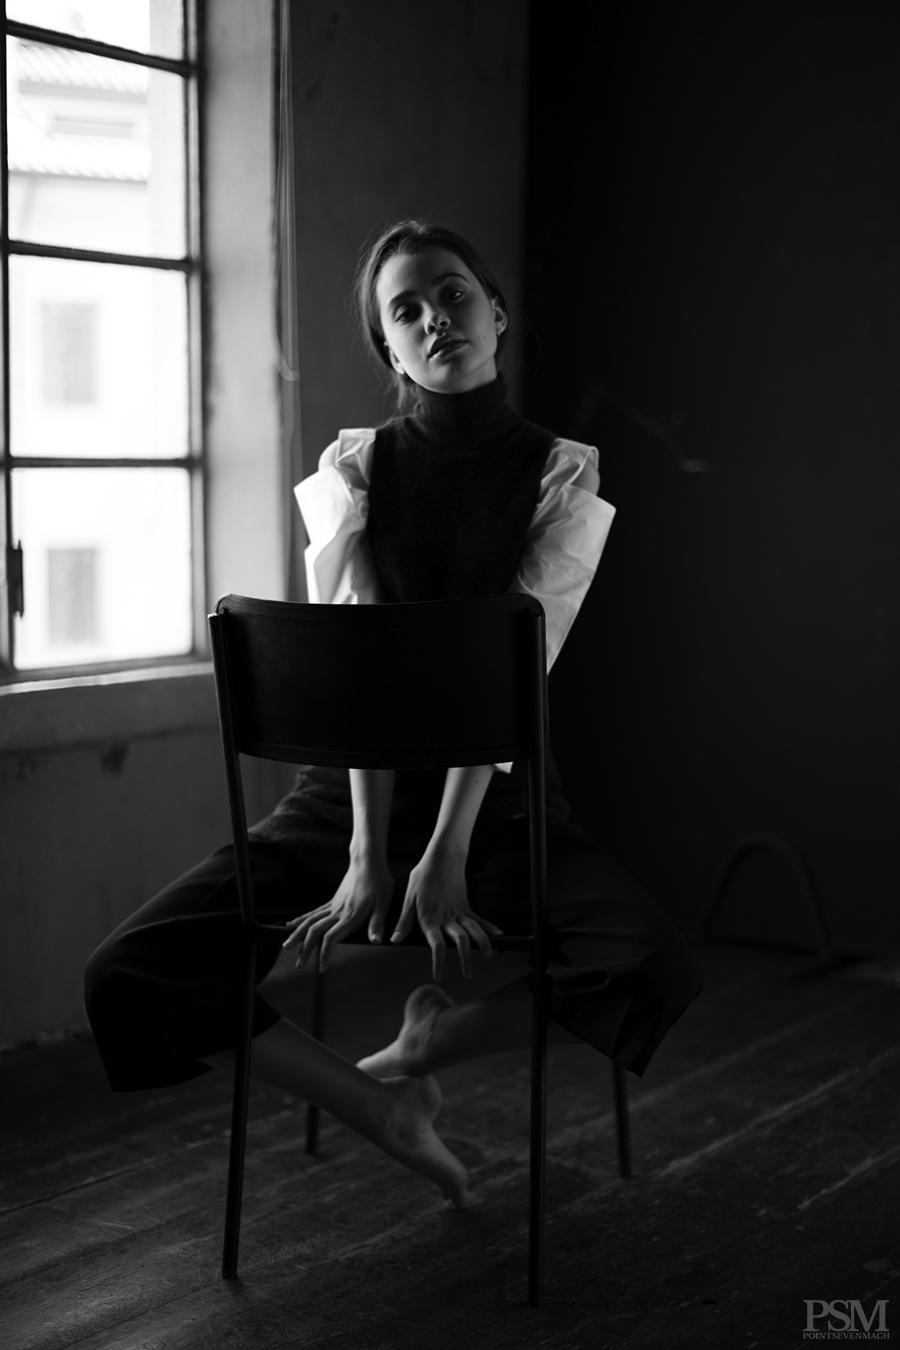 Liza Ganenko by Davide De Dea for pointsevenmach 02.jpg